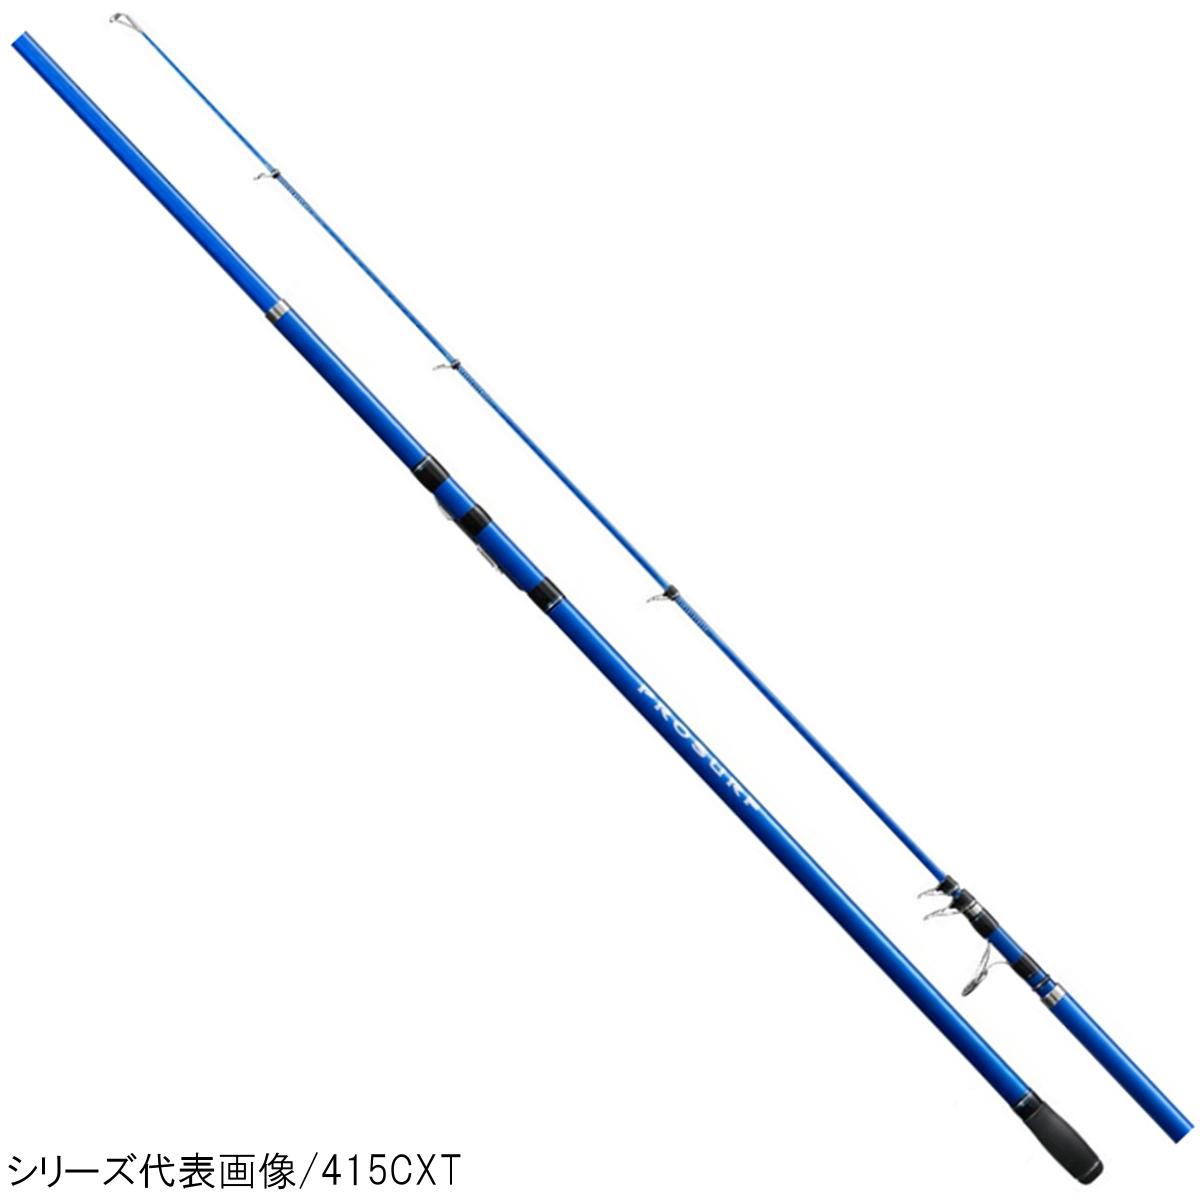 シマノ プロサーフ(振出) 415EXT